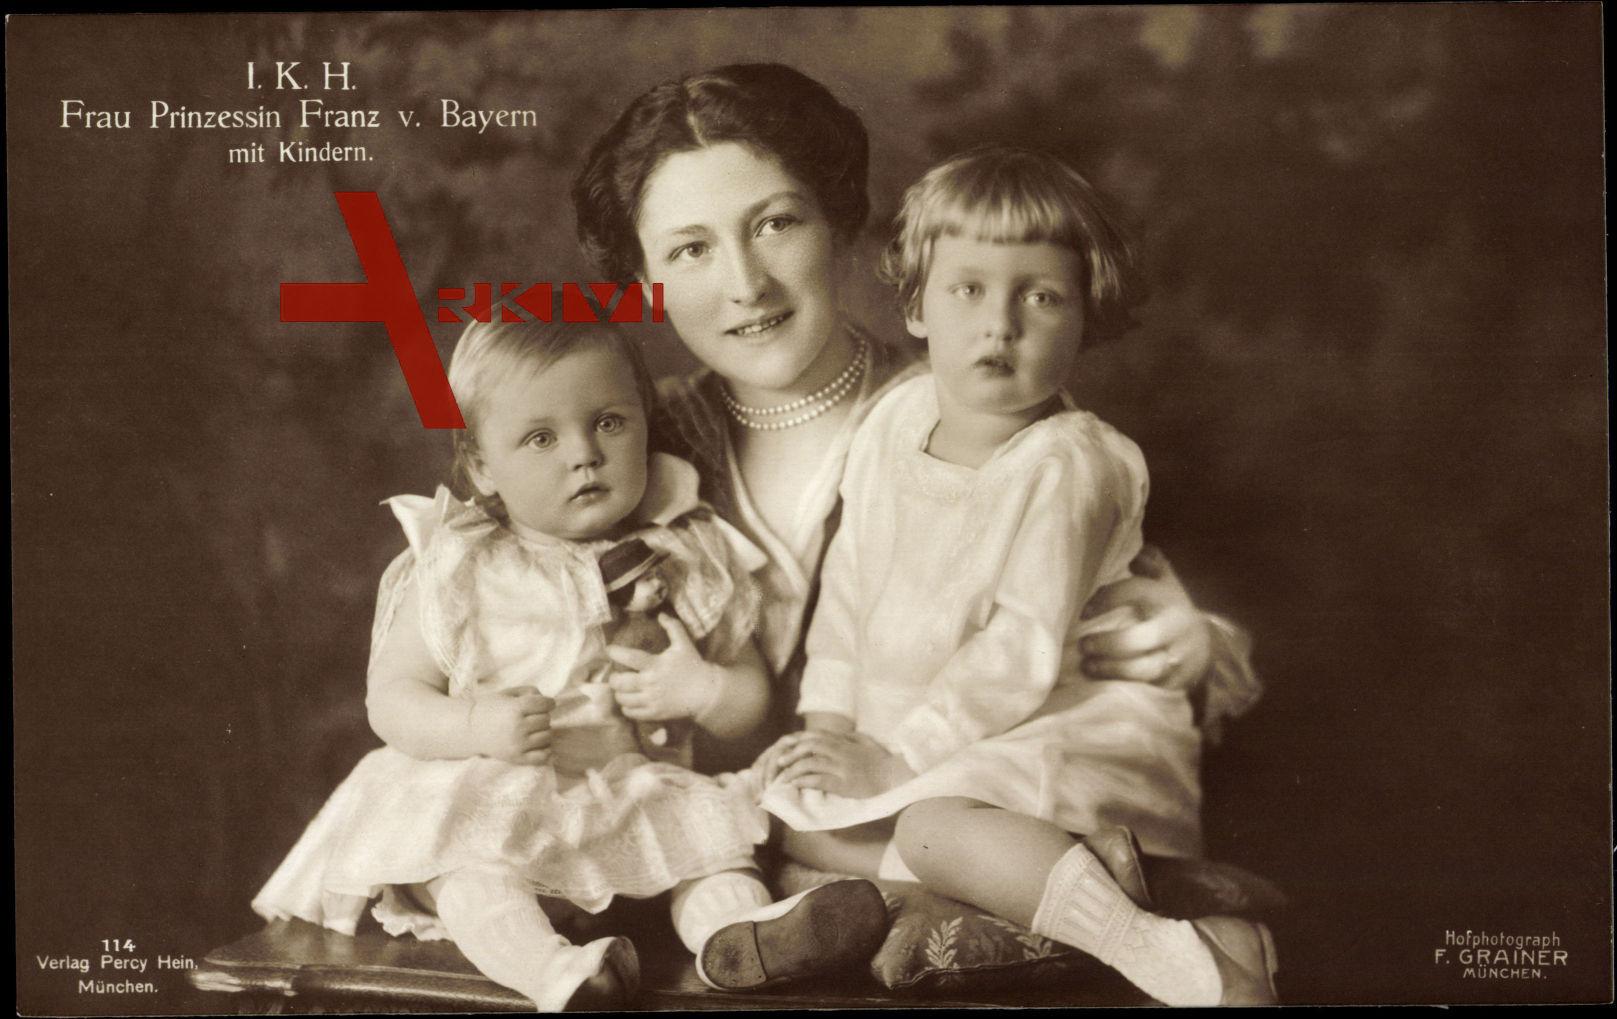 Prinzessin Franz von Bayern mit ihren Kindern, Isabella, Ludwig, Maria